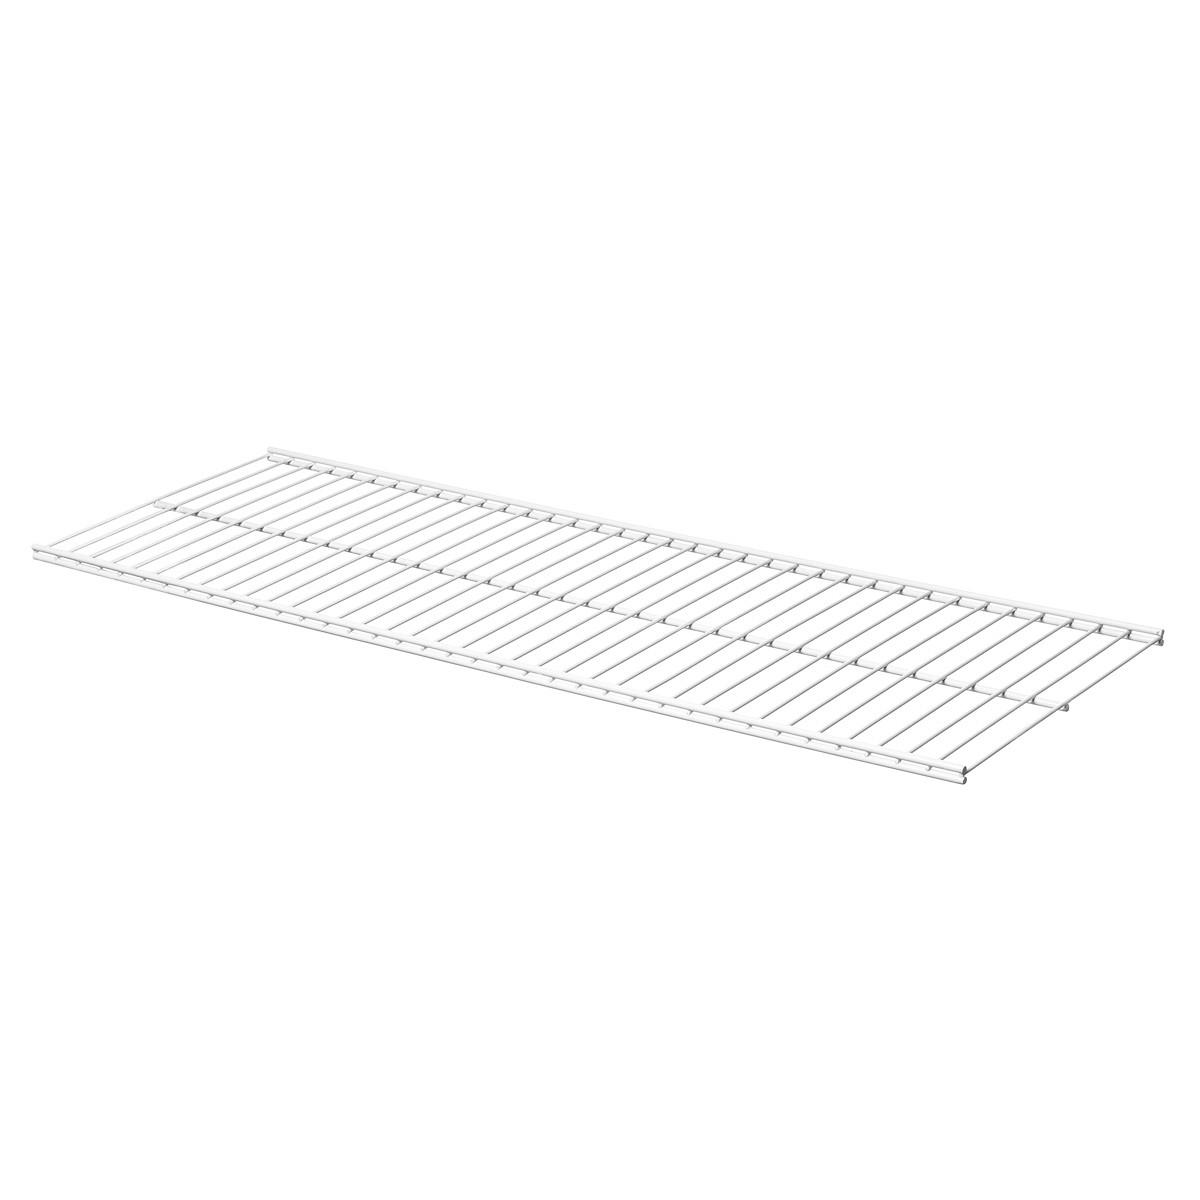 Полка для гардеробной системы Larvij белая  903×306 мм   L9993WH